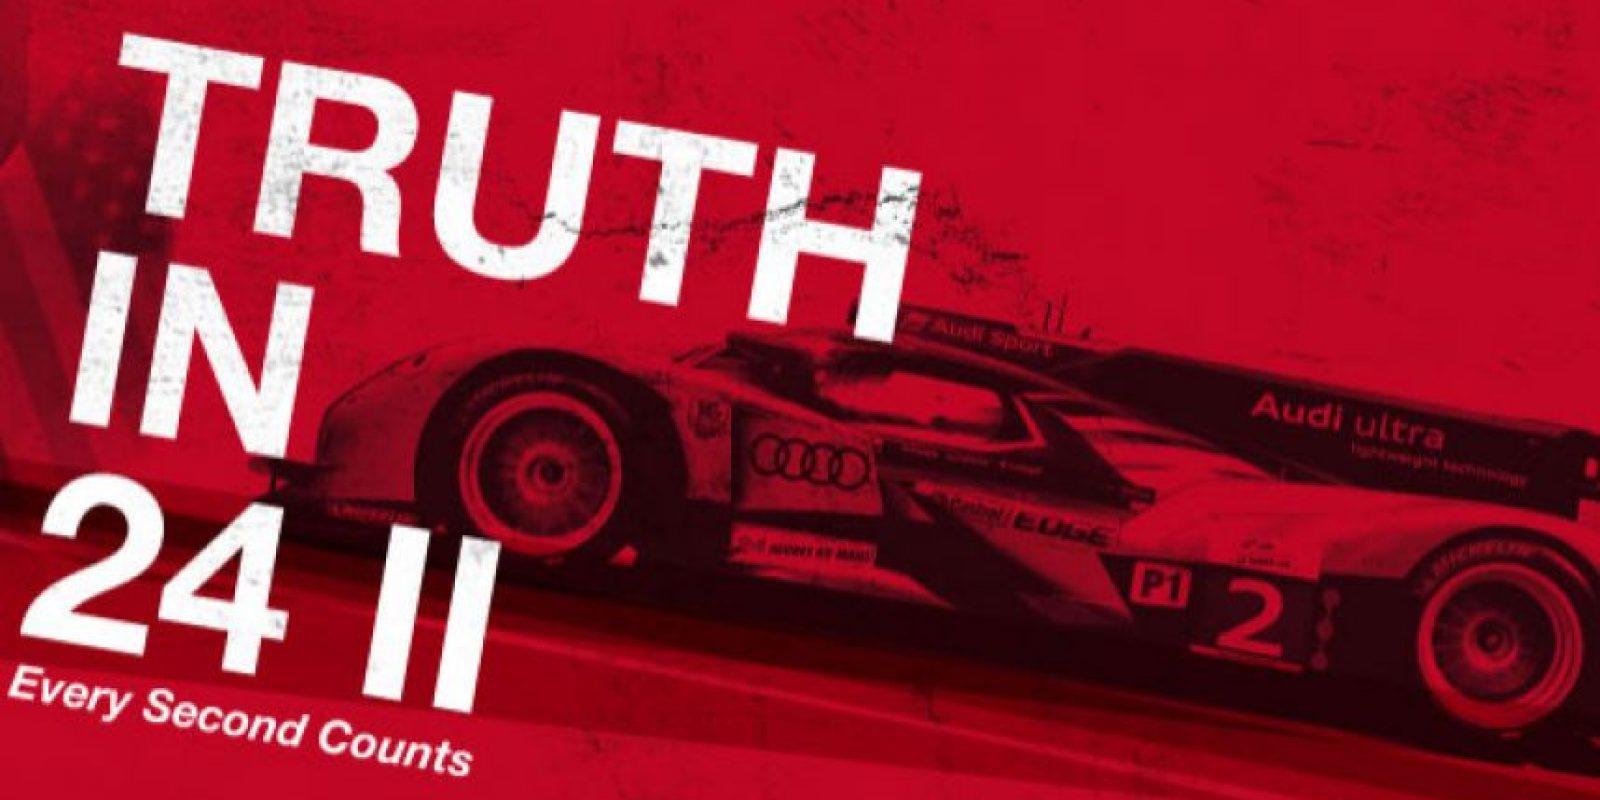 Cada segundo es la crónica del triunfo de Audi en la carrera Le Mans 2011. No es necesario haber visto la primera película para apreciar la segunda Foto:Matthew Whiteman